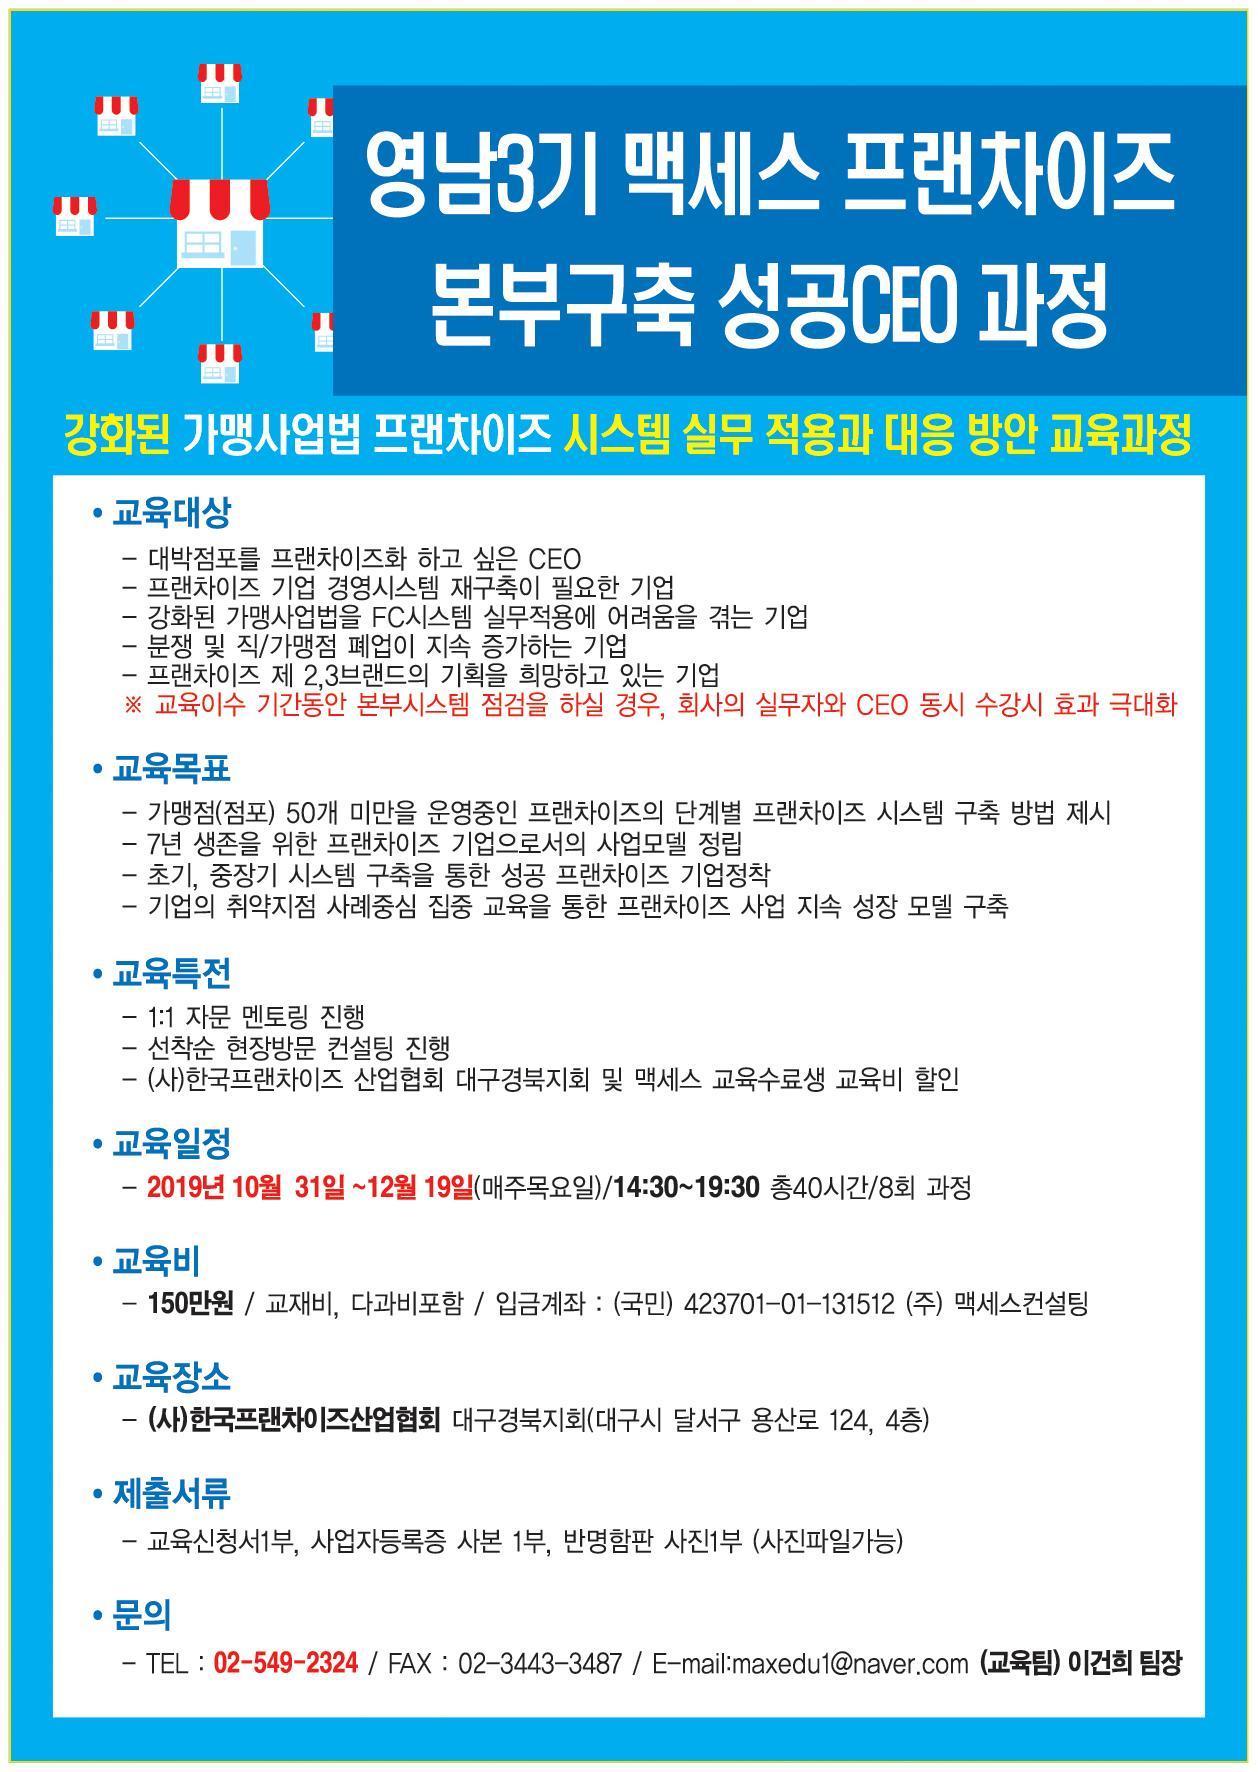 [포스터]영남3기 프랜차이즈 본부구축 CEO 과정.jpg